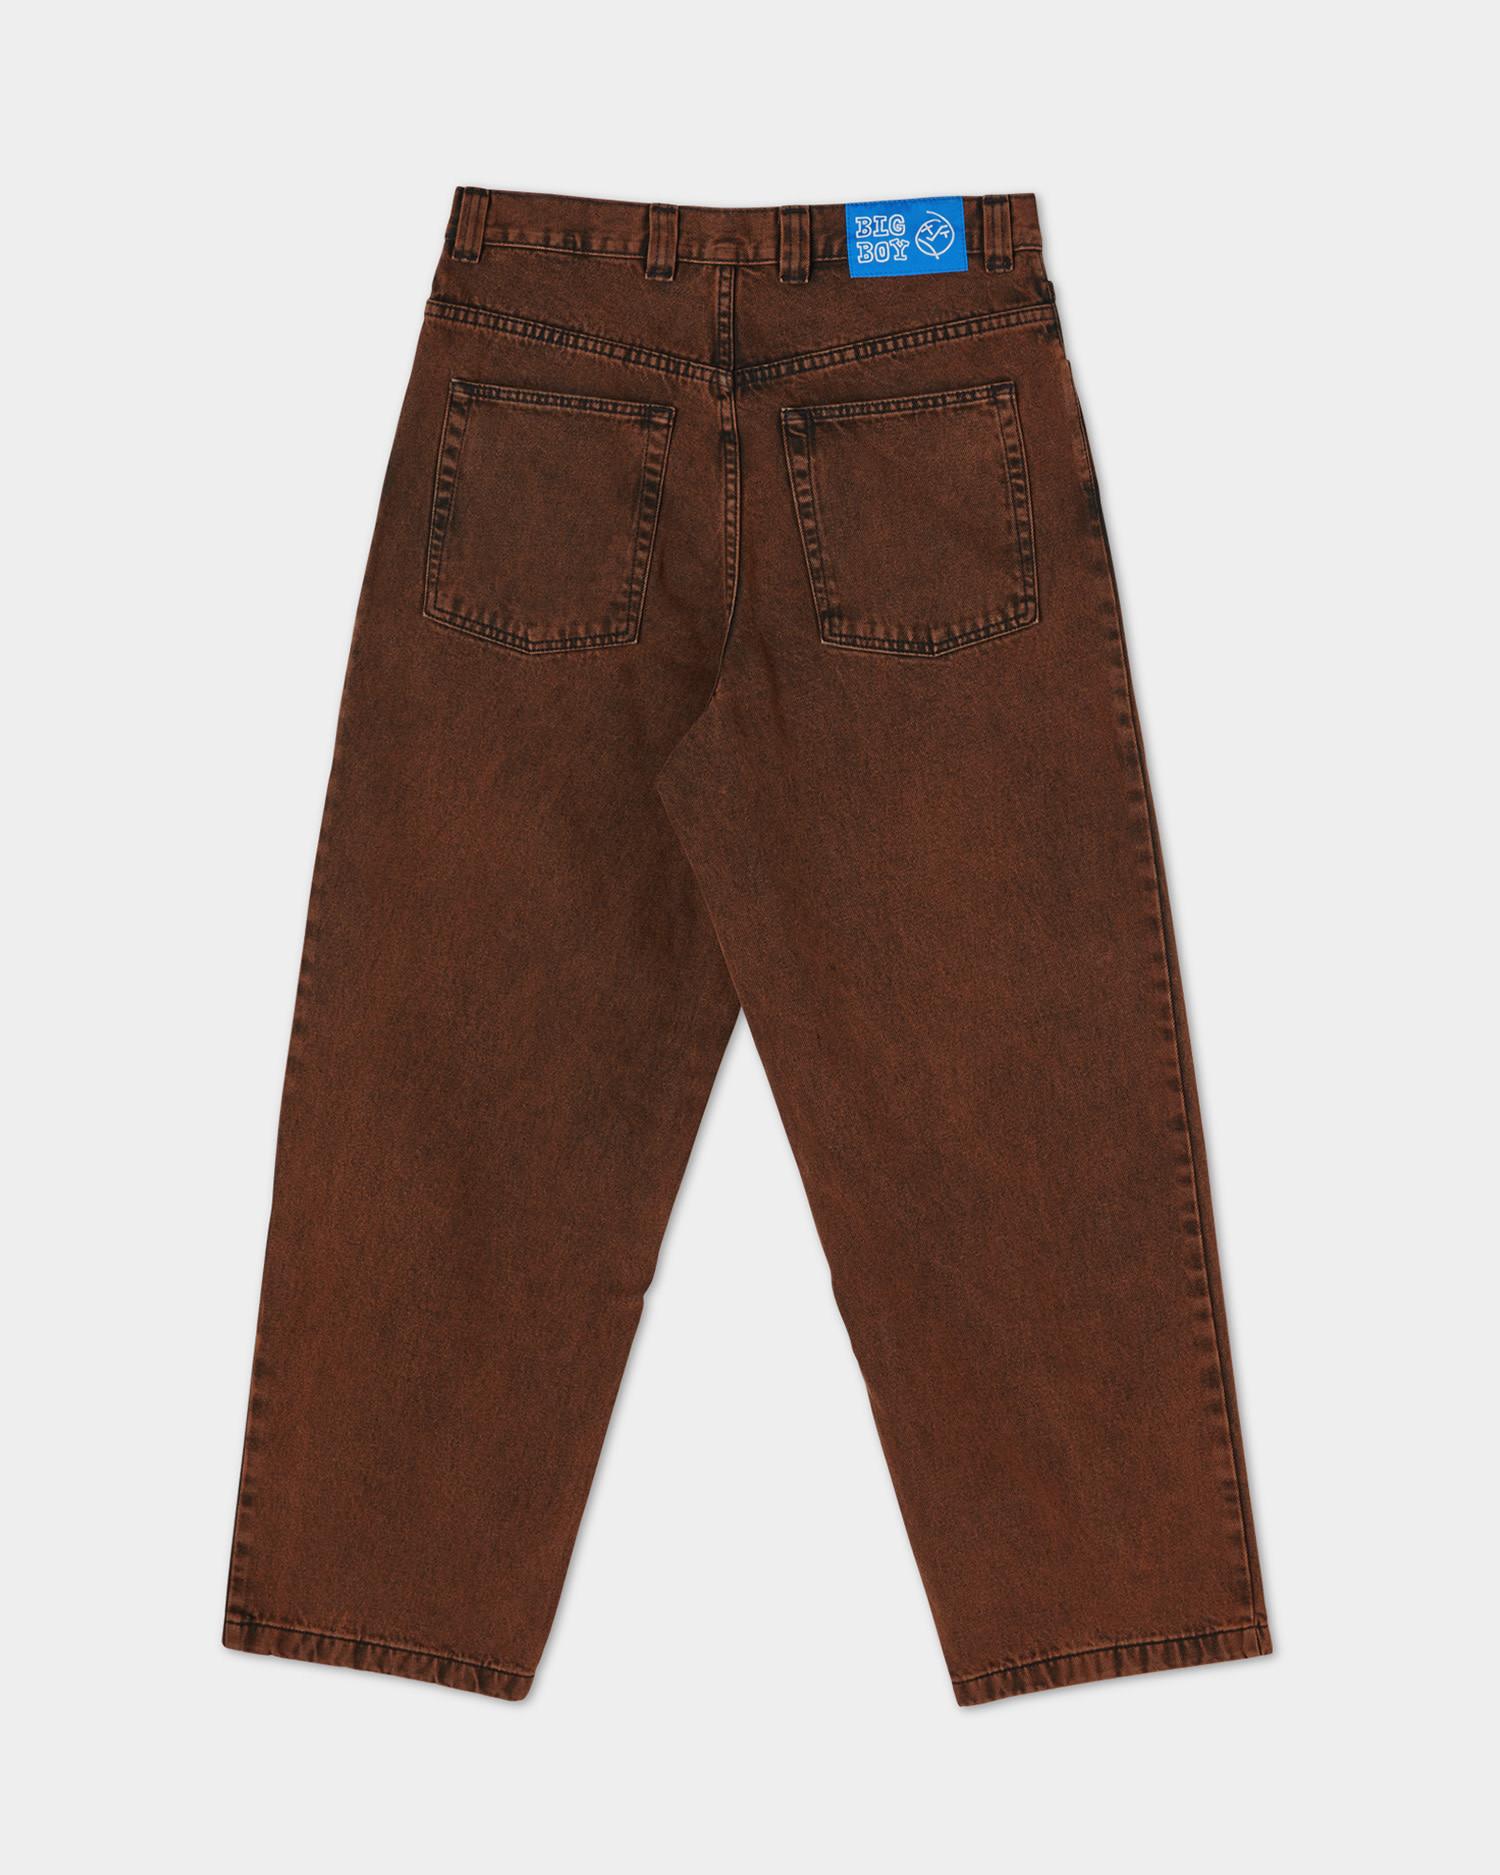 Polar Big Boy Jeans Pants Orange Black